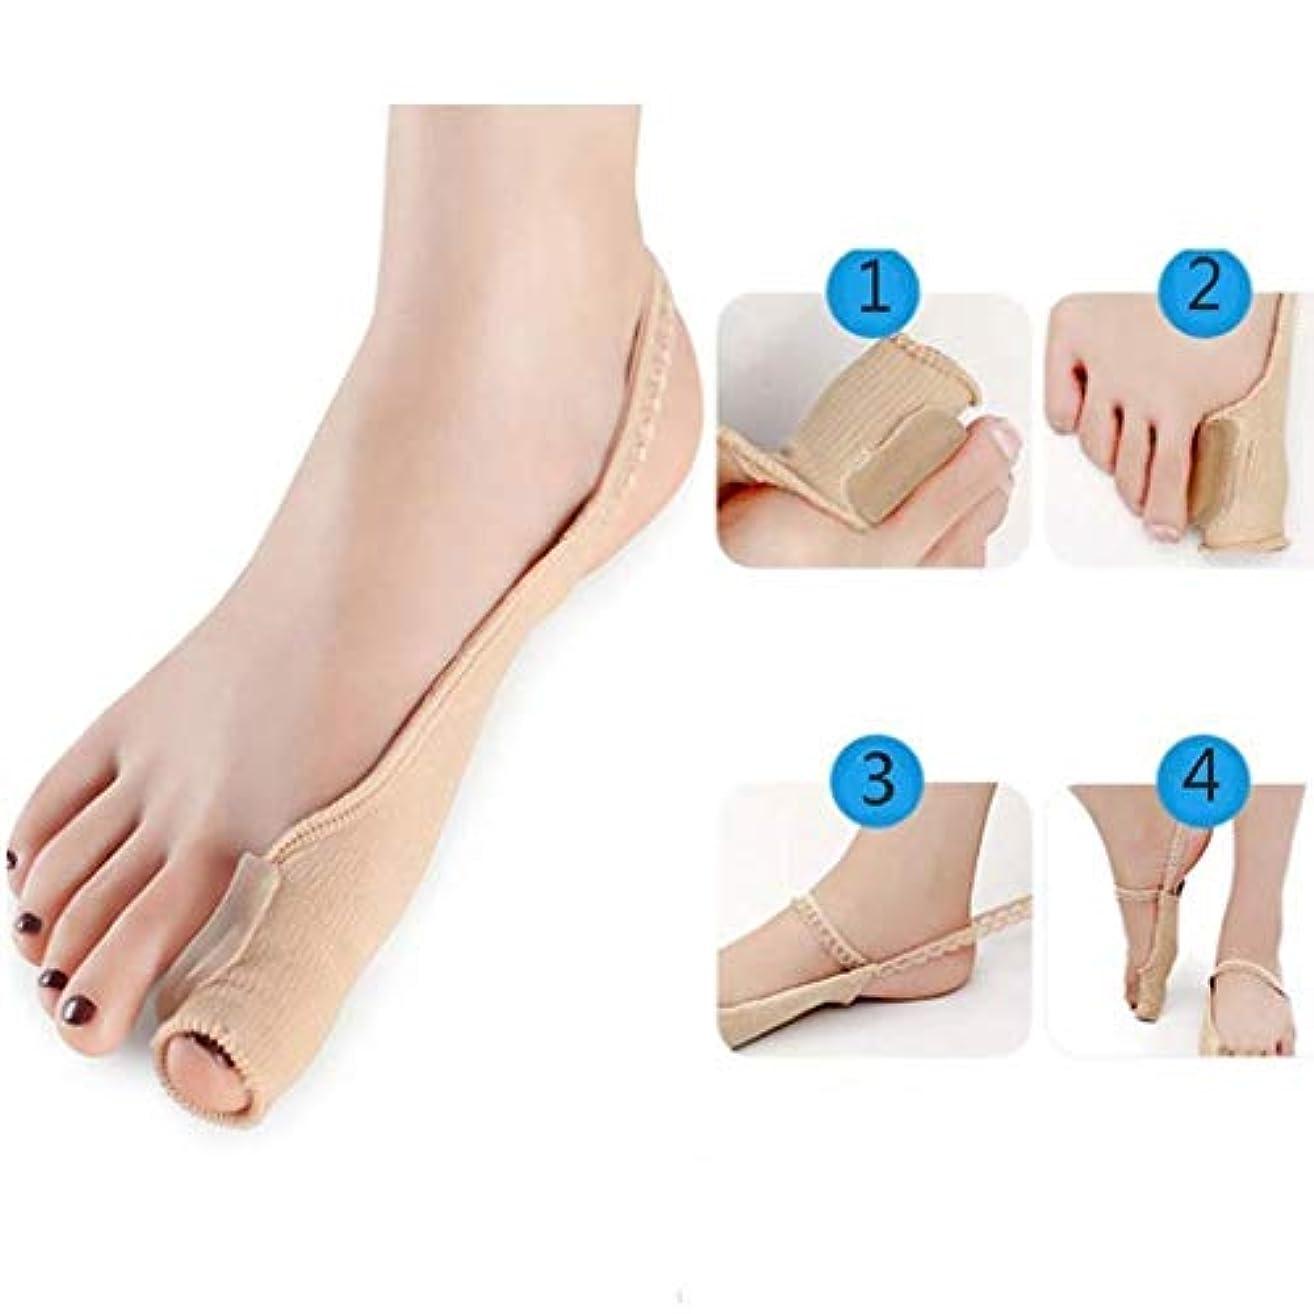 似ている愛情深い樹皮Bunion Toe Separator、Orthotics Big Toe Straightener Protector Separator、Silicone Toes Separator Big Toe Bunion...